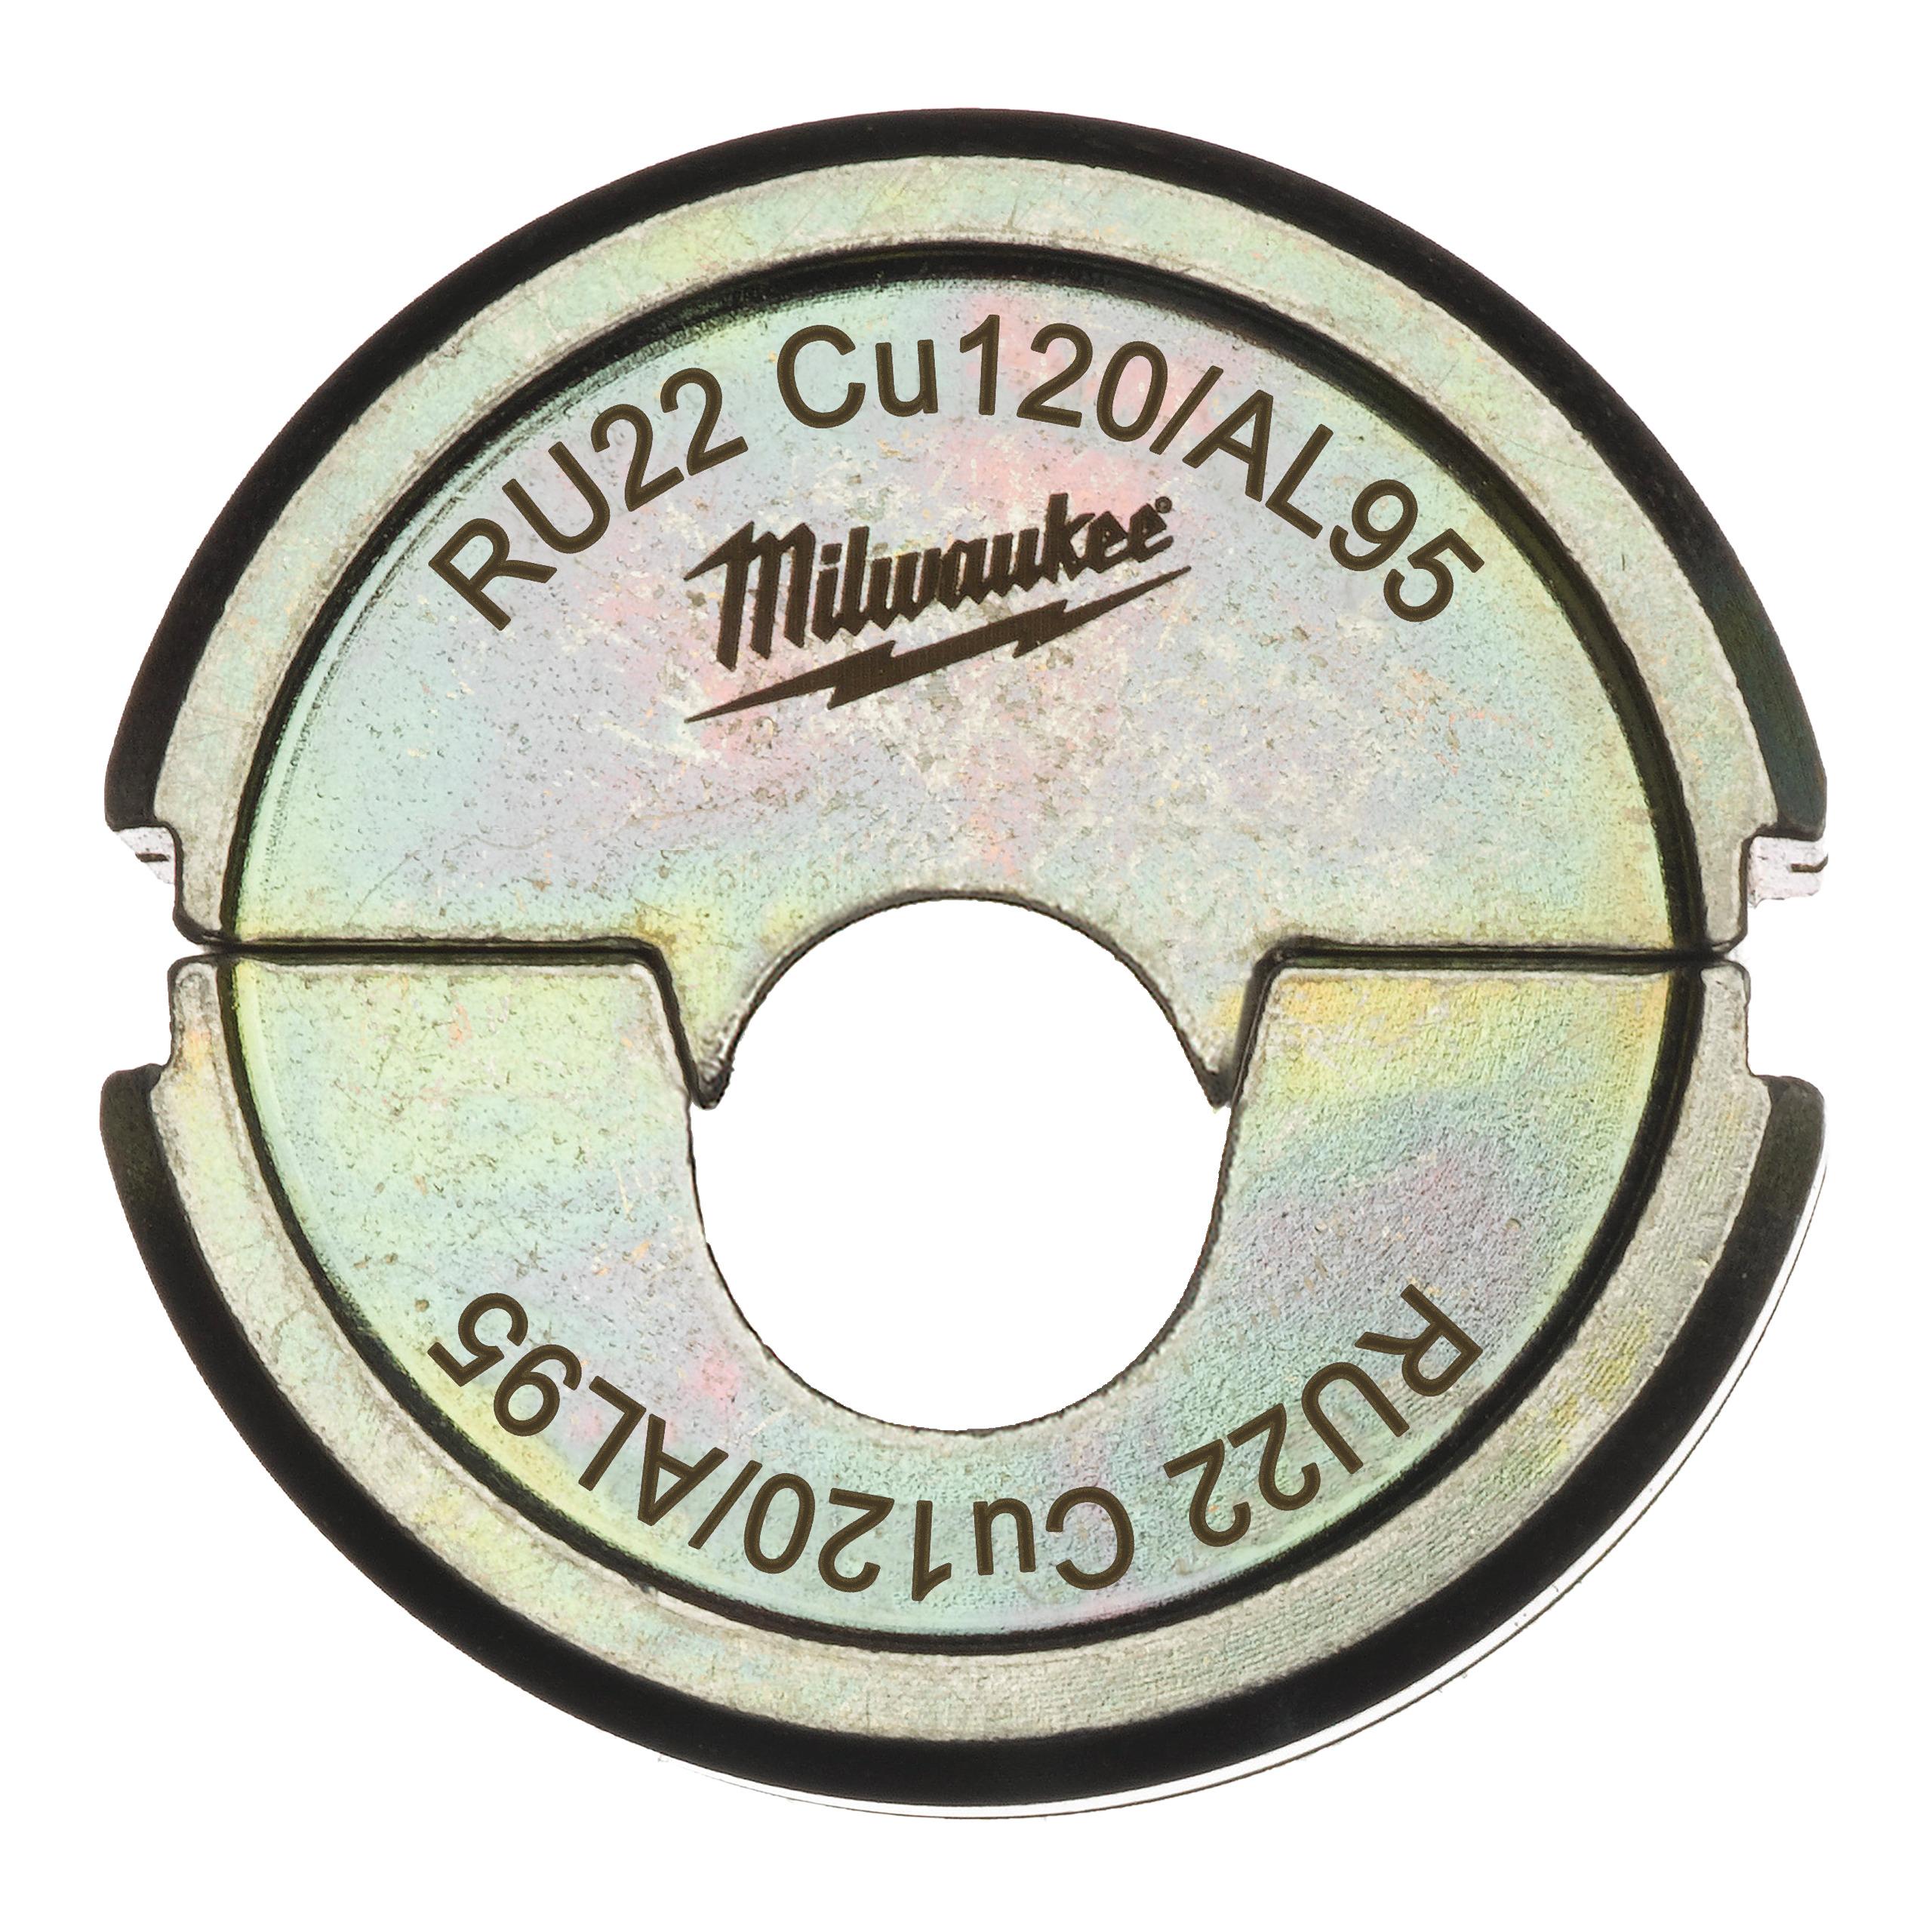 Krimpovací čelisti  RU22 Cu120/AL95